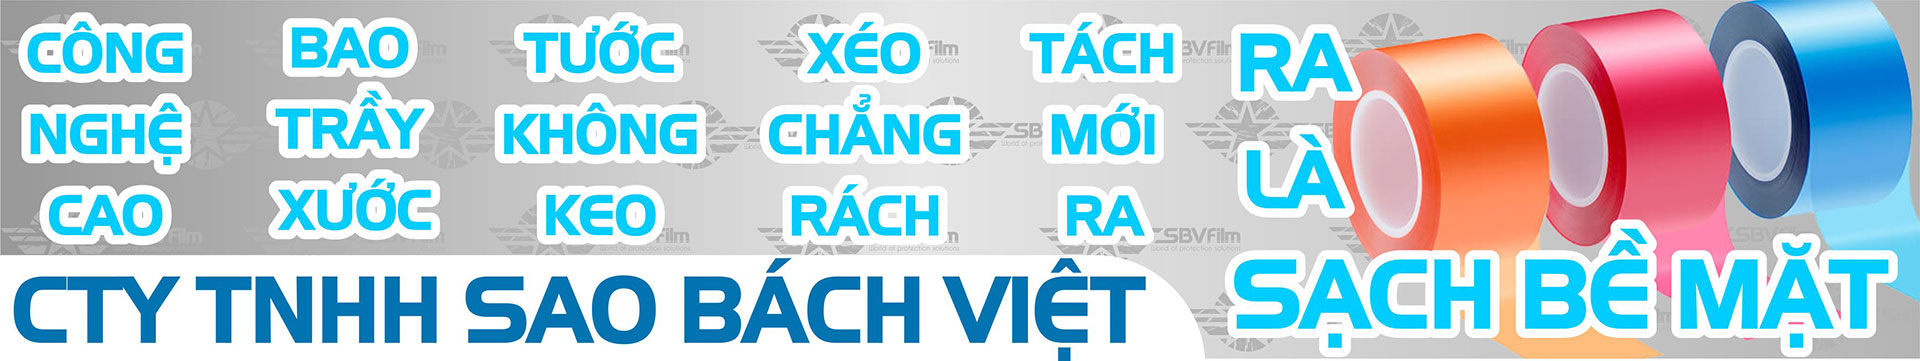 Đặc tính màng bảo vệ của Công ty TNHH Sao Bách Việt